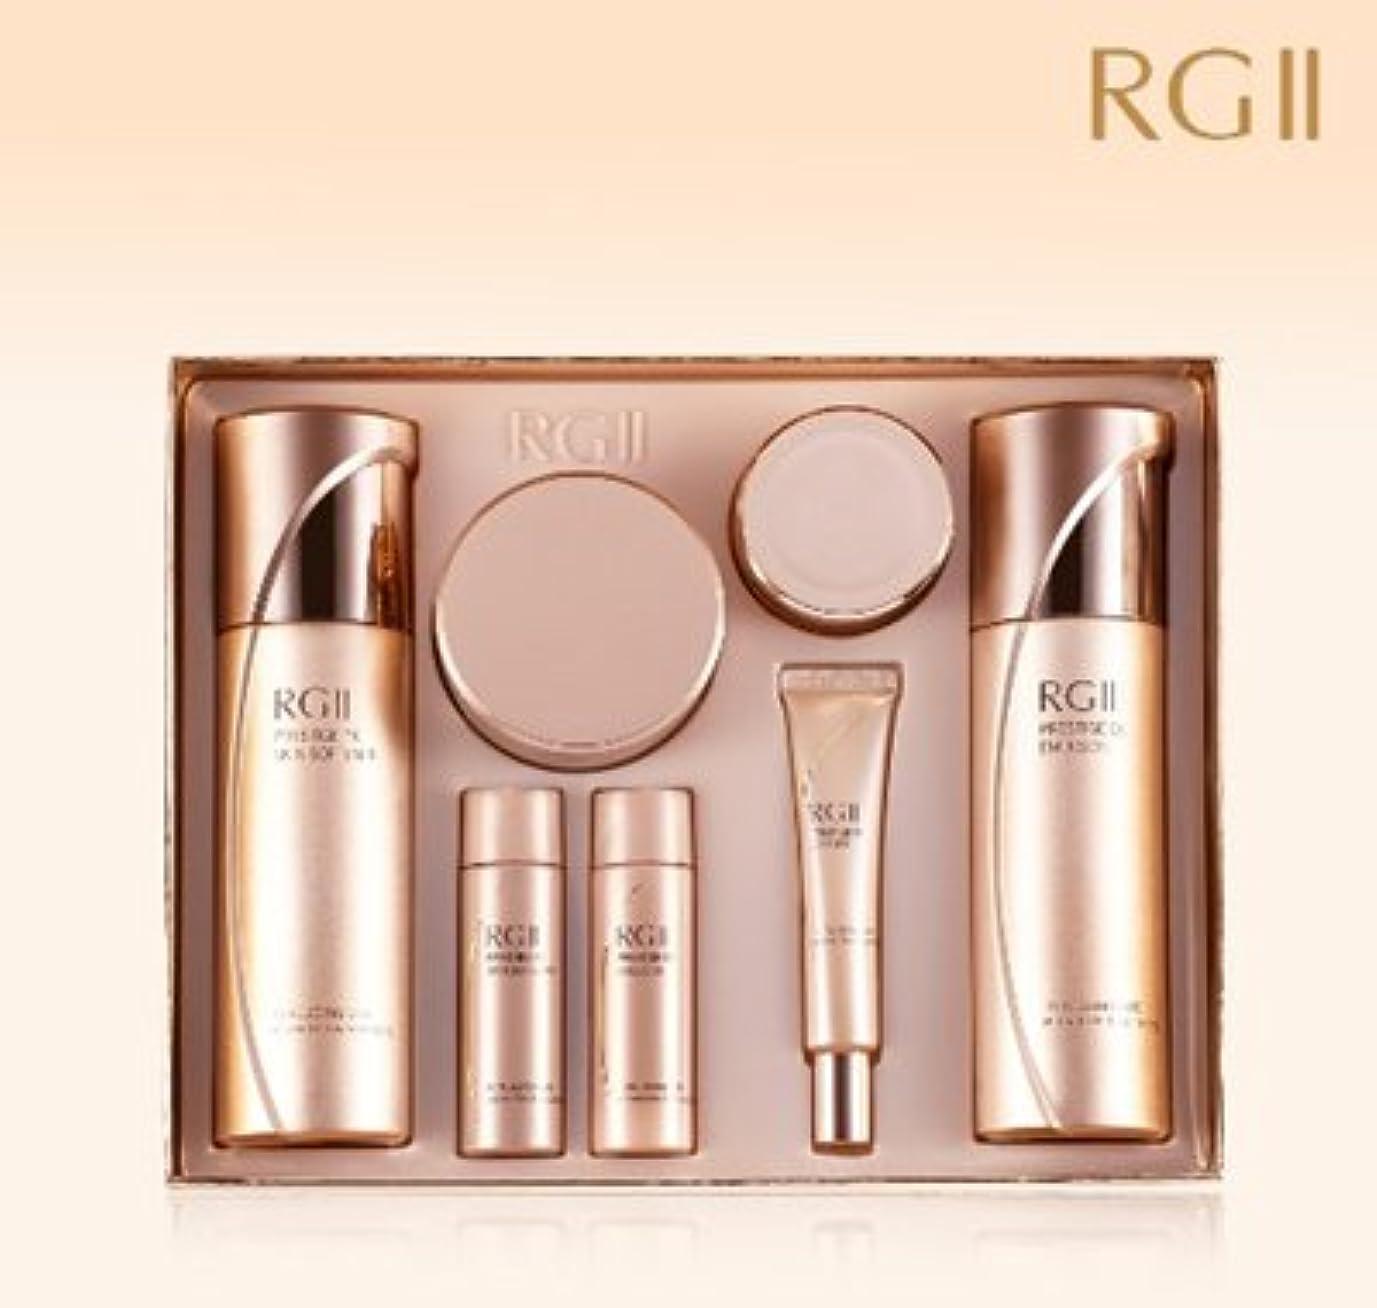 ティーンエイジャー運命的なポーズ多娜嫺[Danahan] RGll Prestige EX Skin Care 3pcs Set RGll プレステージ EX スキンケア 3種セット